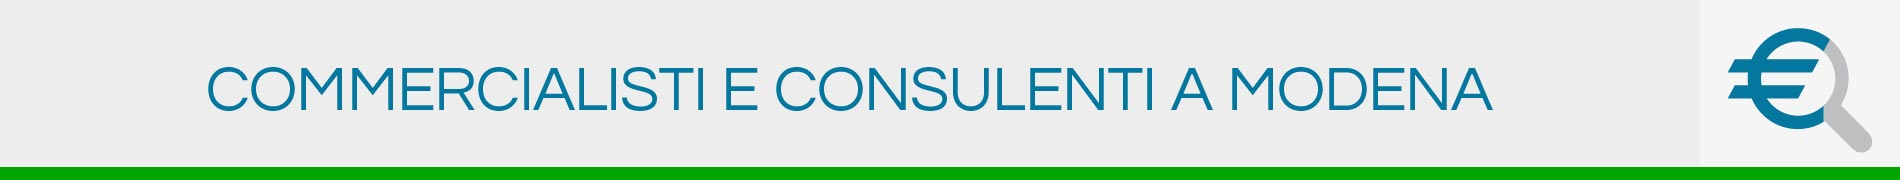 Commercialisti e Consulenti a Modena